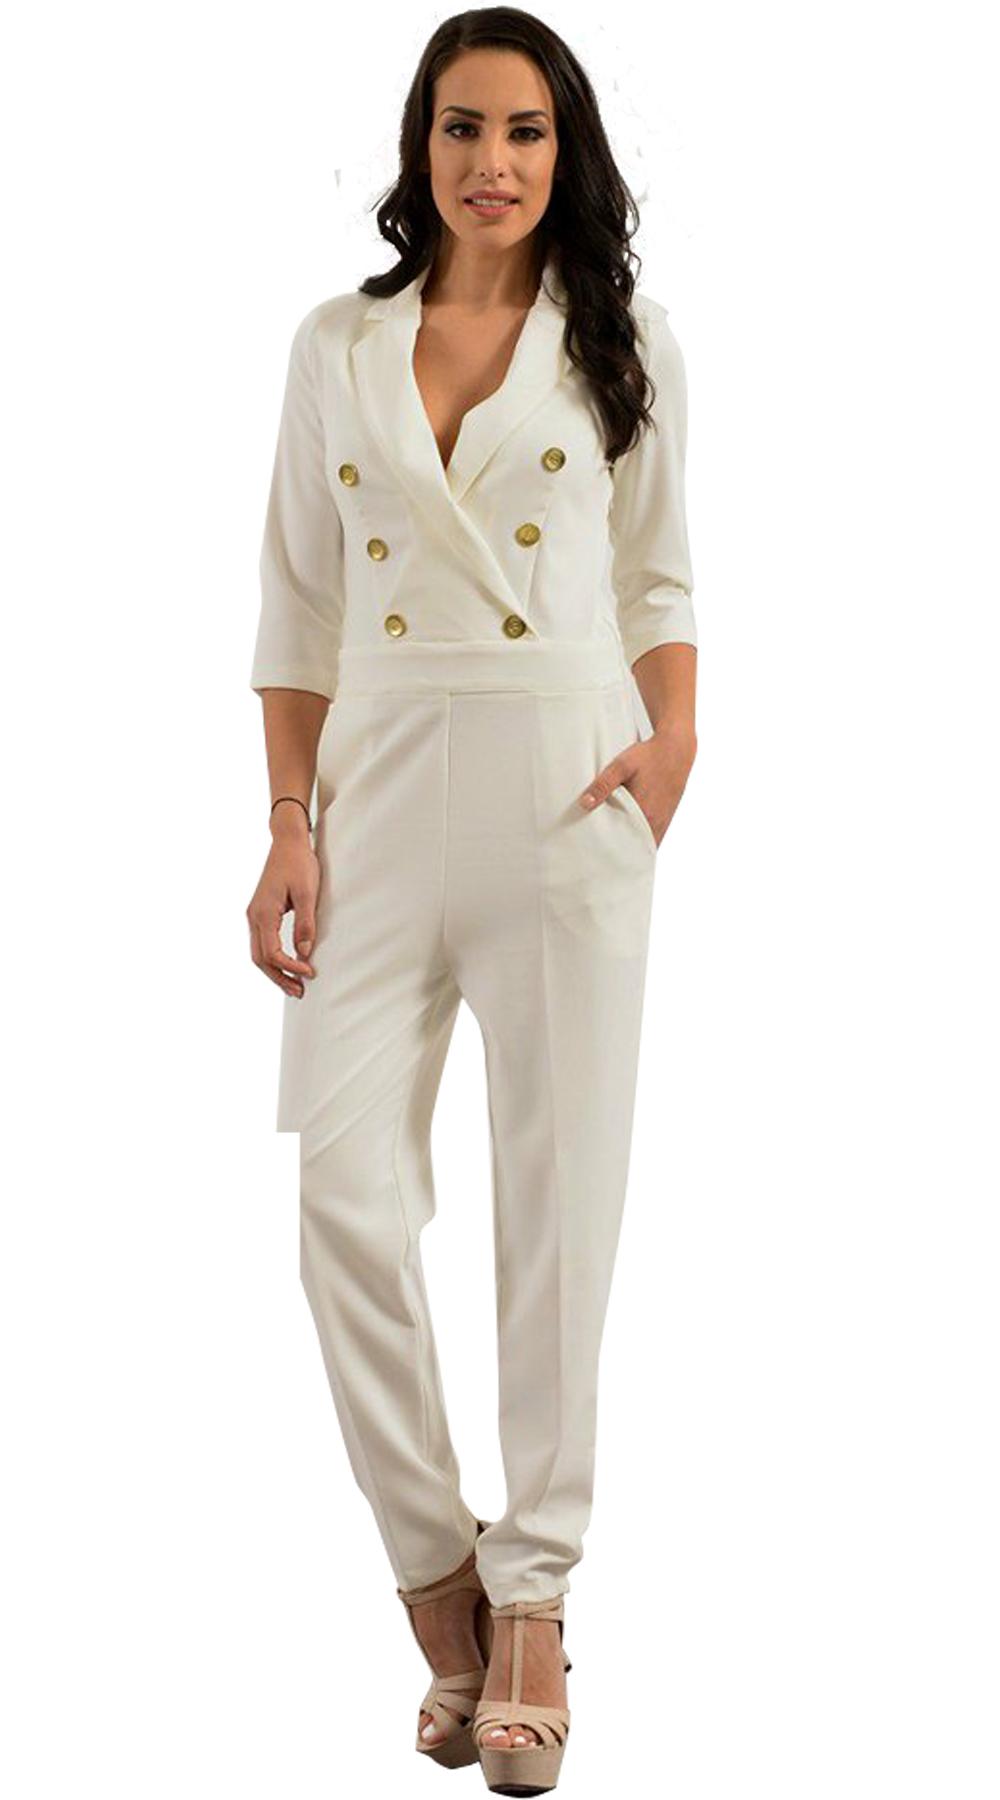 Γυναικεία ολόσωμη φόρμα σε blazer cut - LOVE ME - SP18LV-23400 top trends monochrome